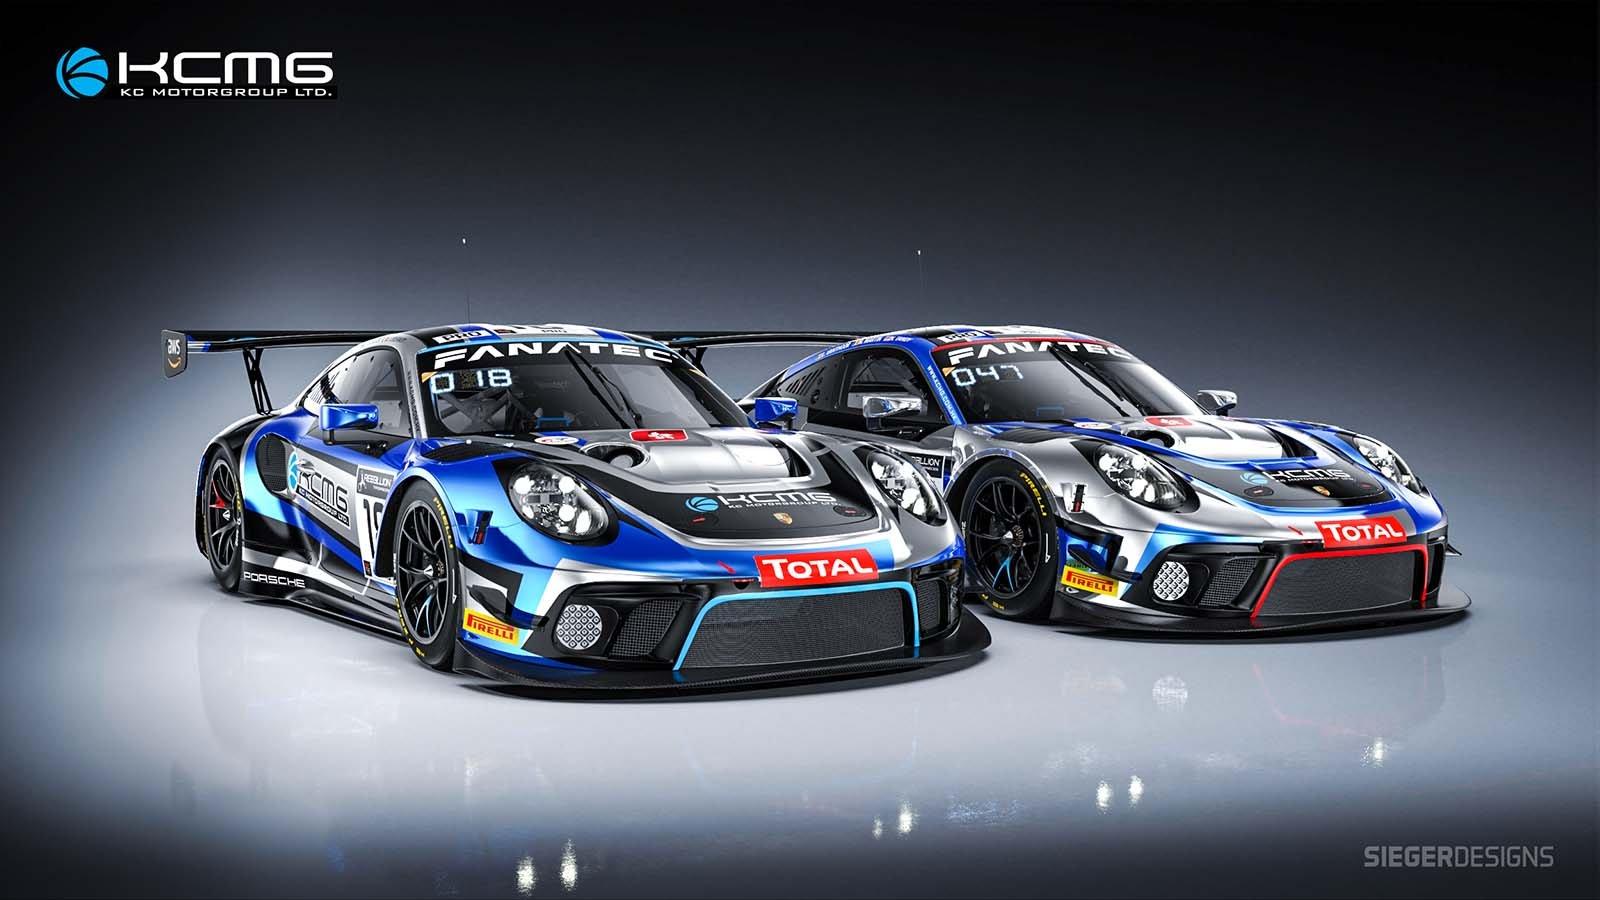 Martin/Vanthoor/Tandy headline two-car KCMG Porsche effort